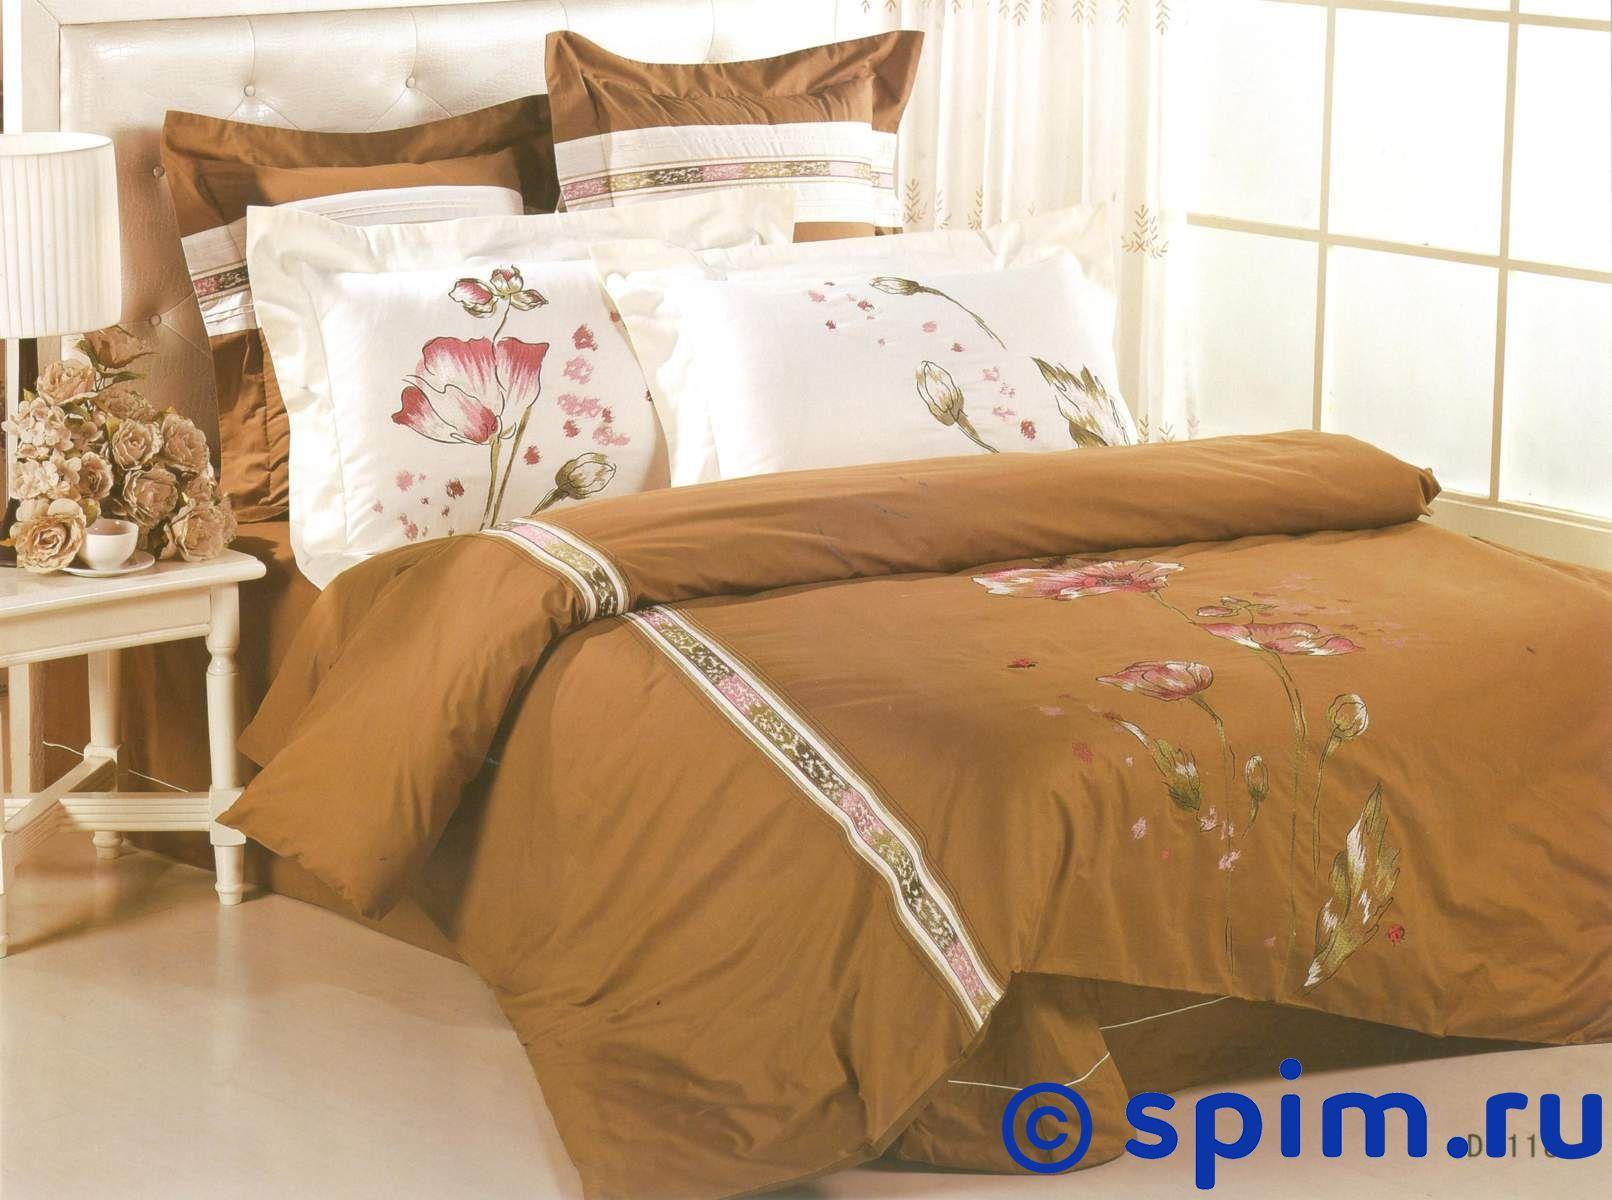 Комплект СайлиД D118 2 спальное